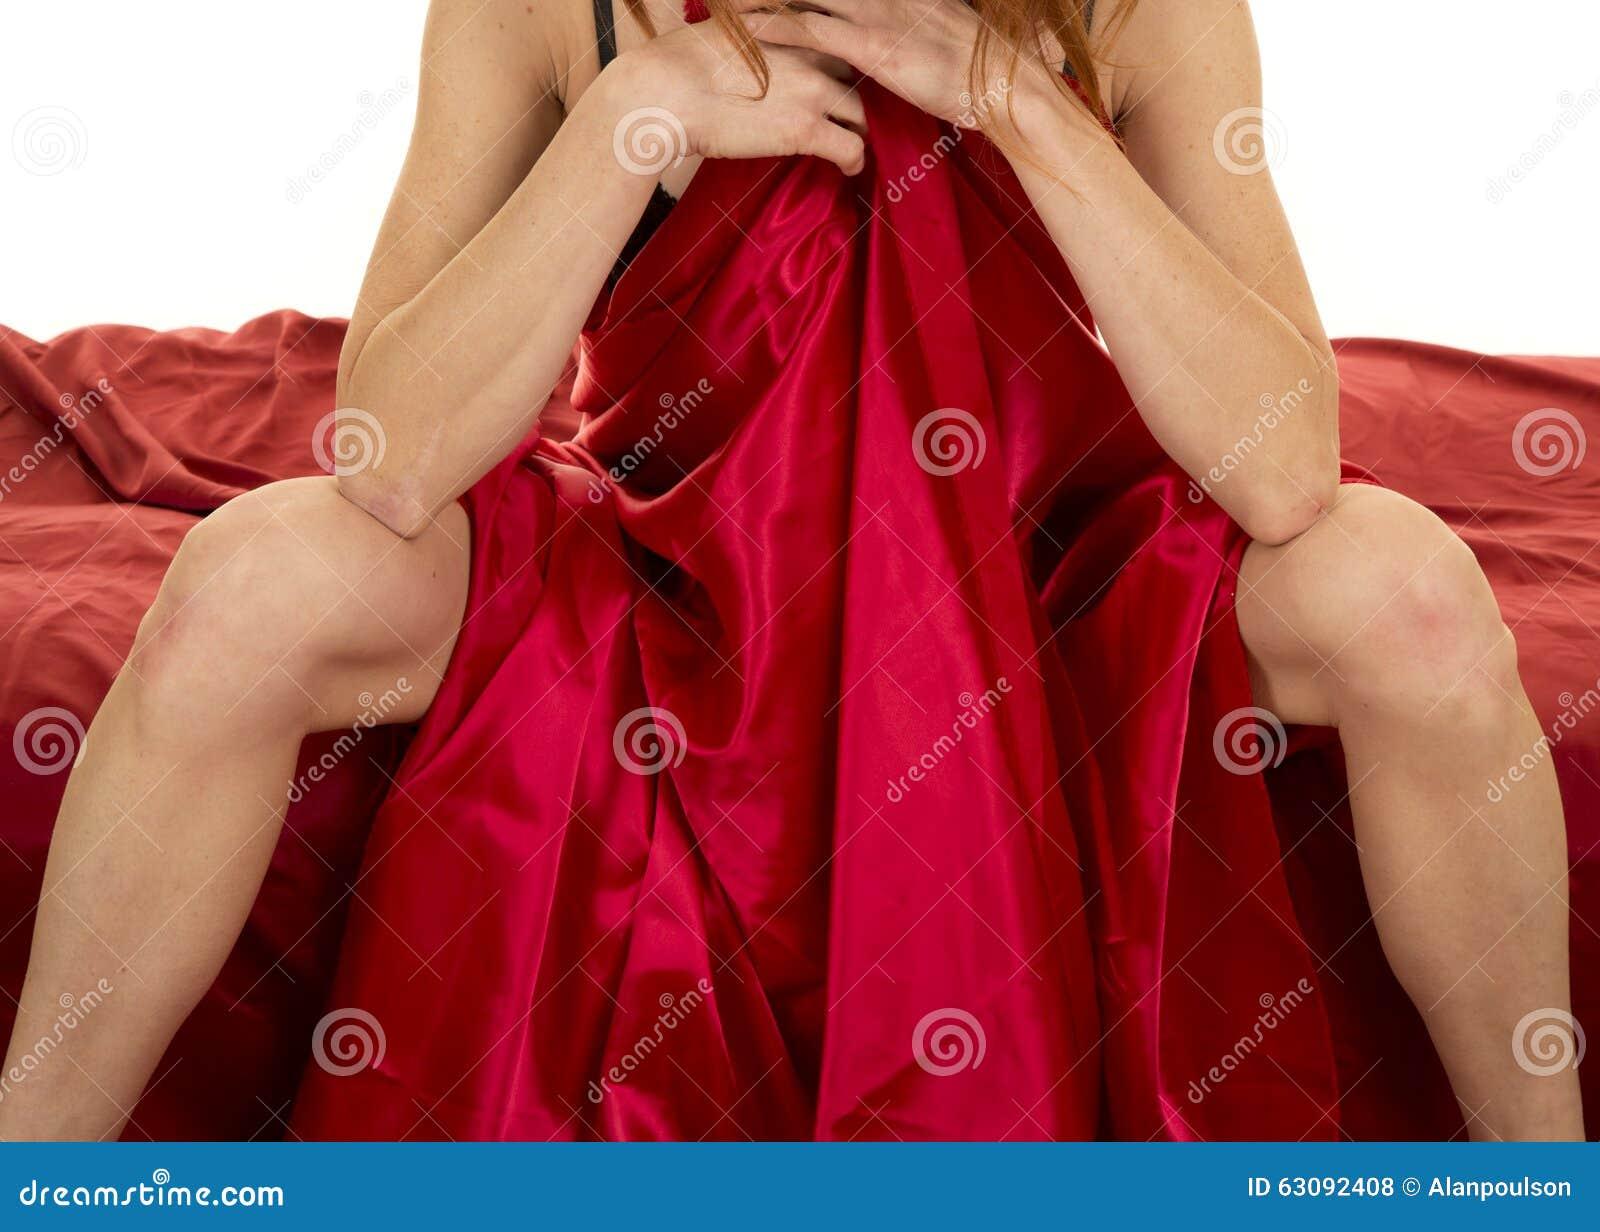 Download Femme Dans Les Jambes Et Des Bras Rouges De Feuille Photo stock - Image du sain, fuselage: 63092408